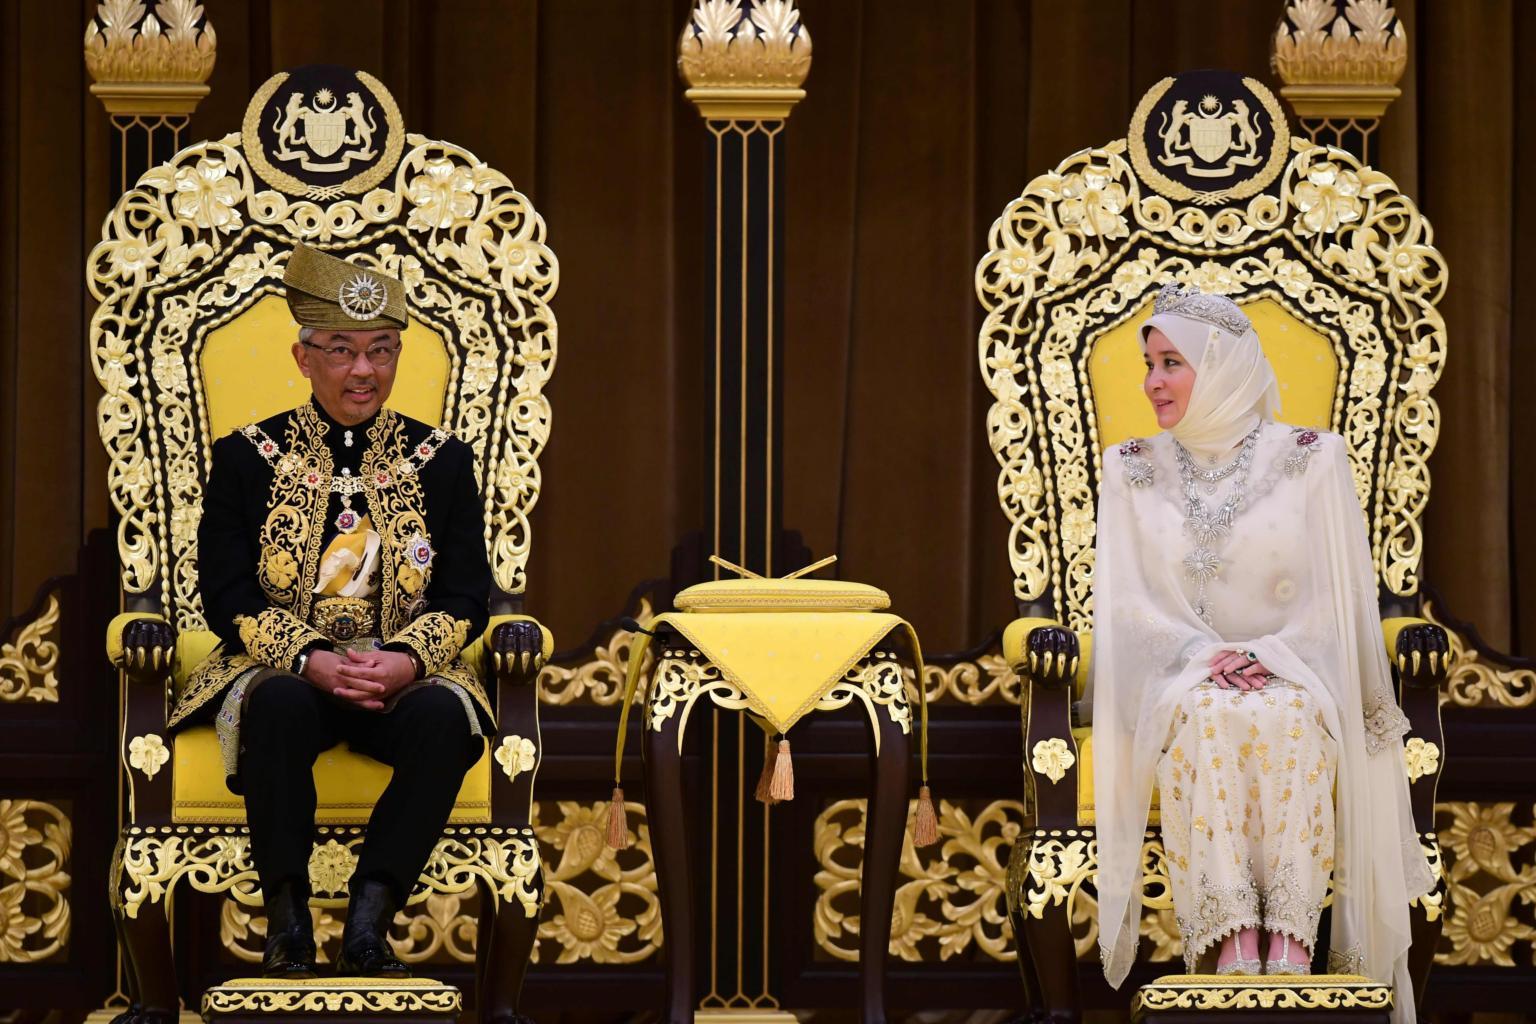 Malaysia được nhiều người đánh giá là có nền quân chủ lập hiến độc đáo. Lý do là nơi đây có 13 bang và trong đó có 9 bang do các gia tộc hoàng gia Mã Lai cai trị . Người đứng đầu mỗi bang này được gọi là sultan. Quốc vương Malaysia được bầu chọn từ 9 người cai trị này, và có nhiệm kỳ 5 năm. Ảnh: Strait Times